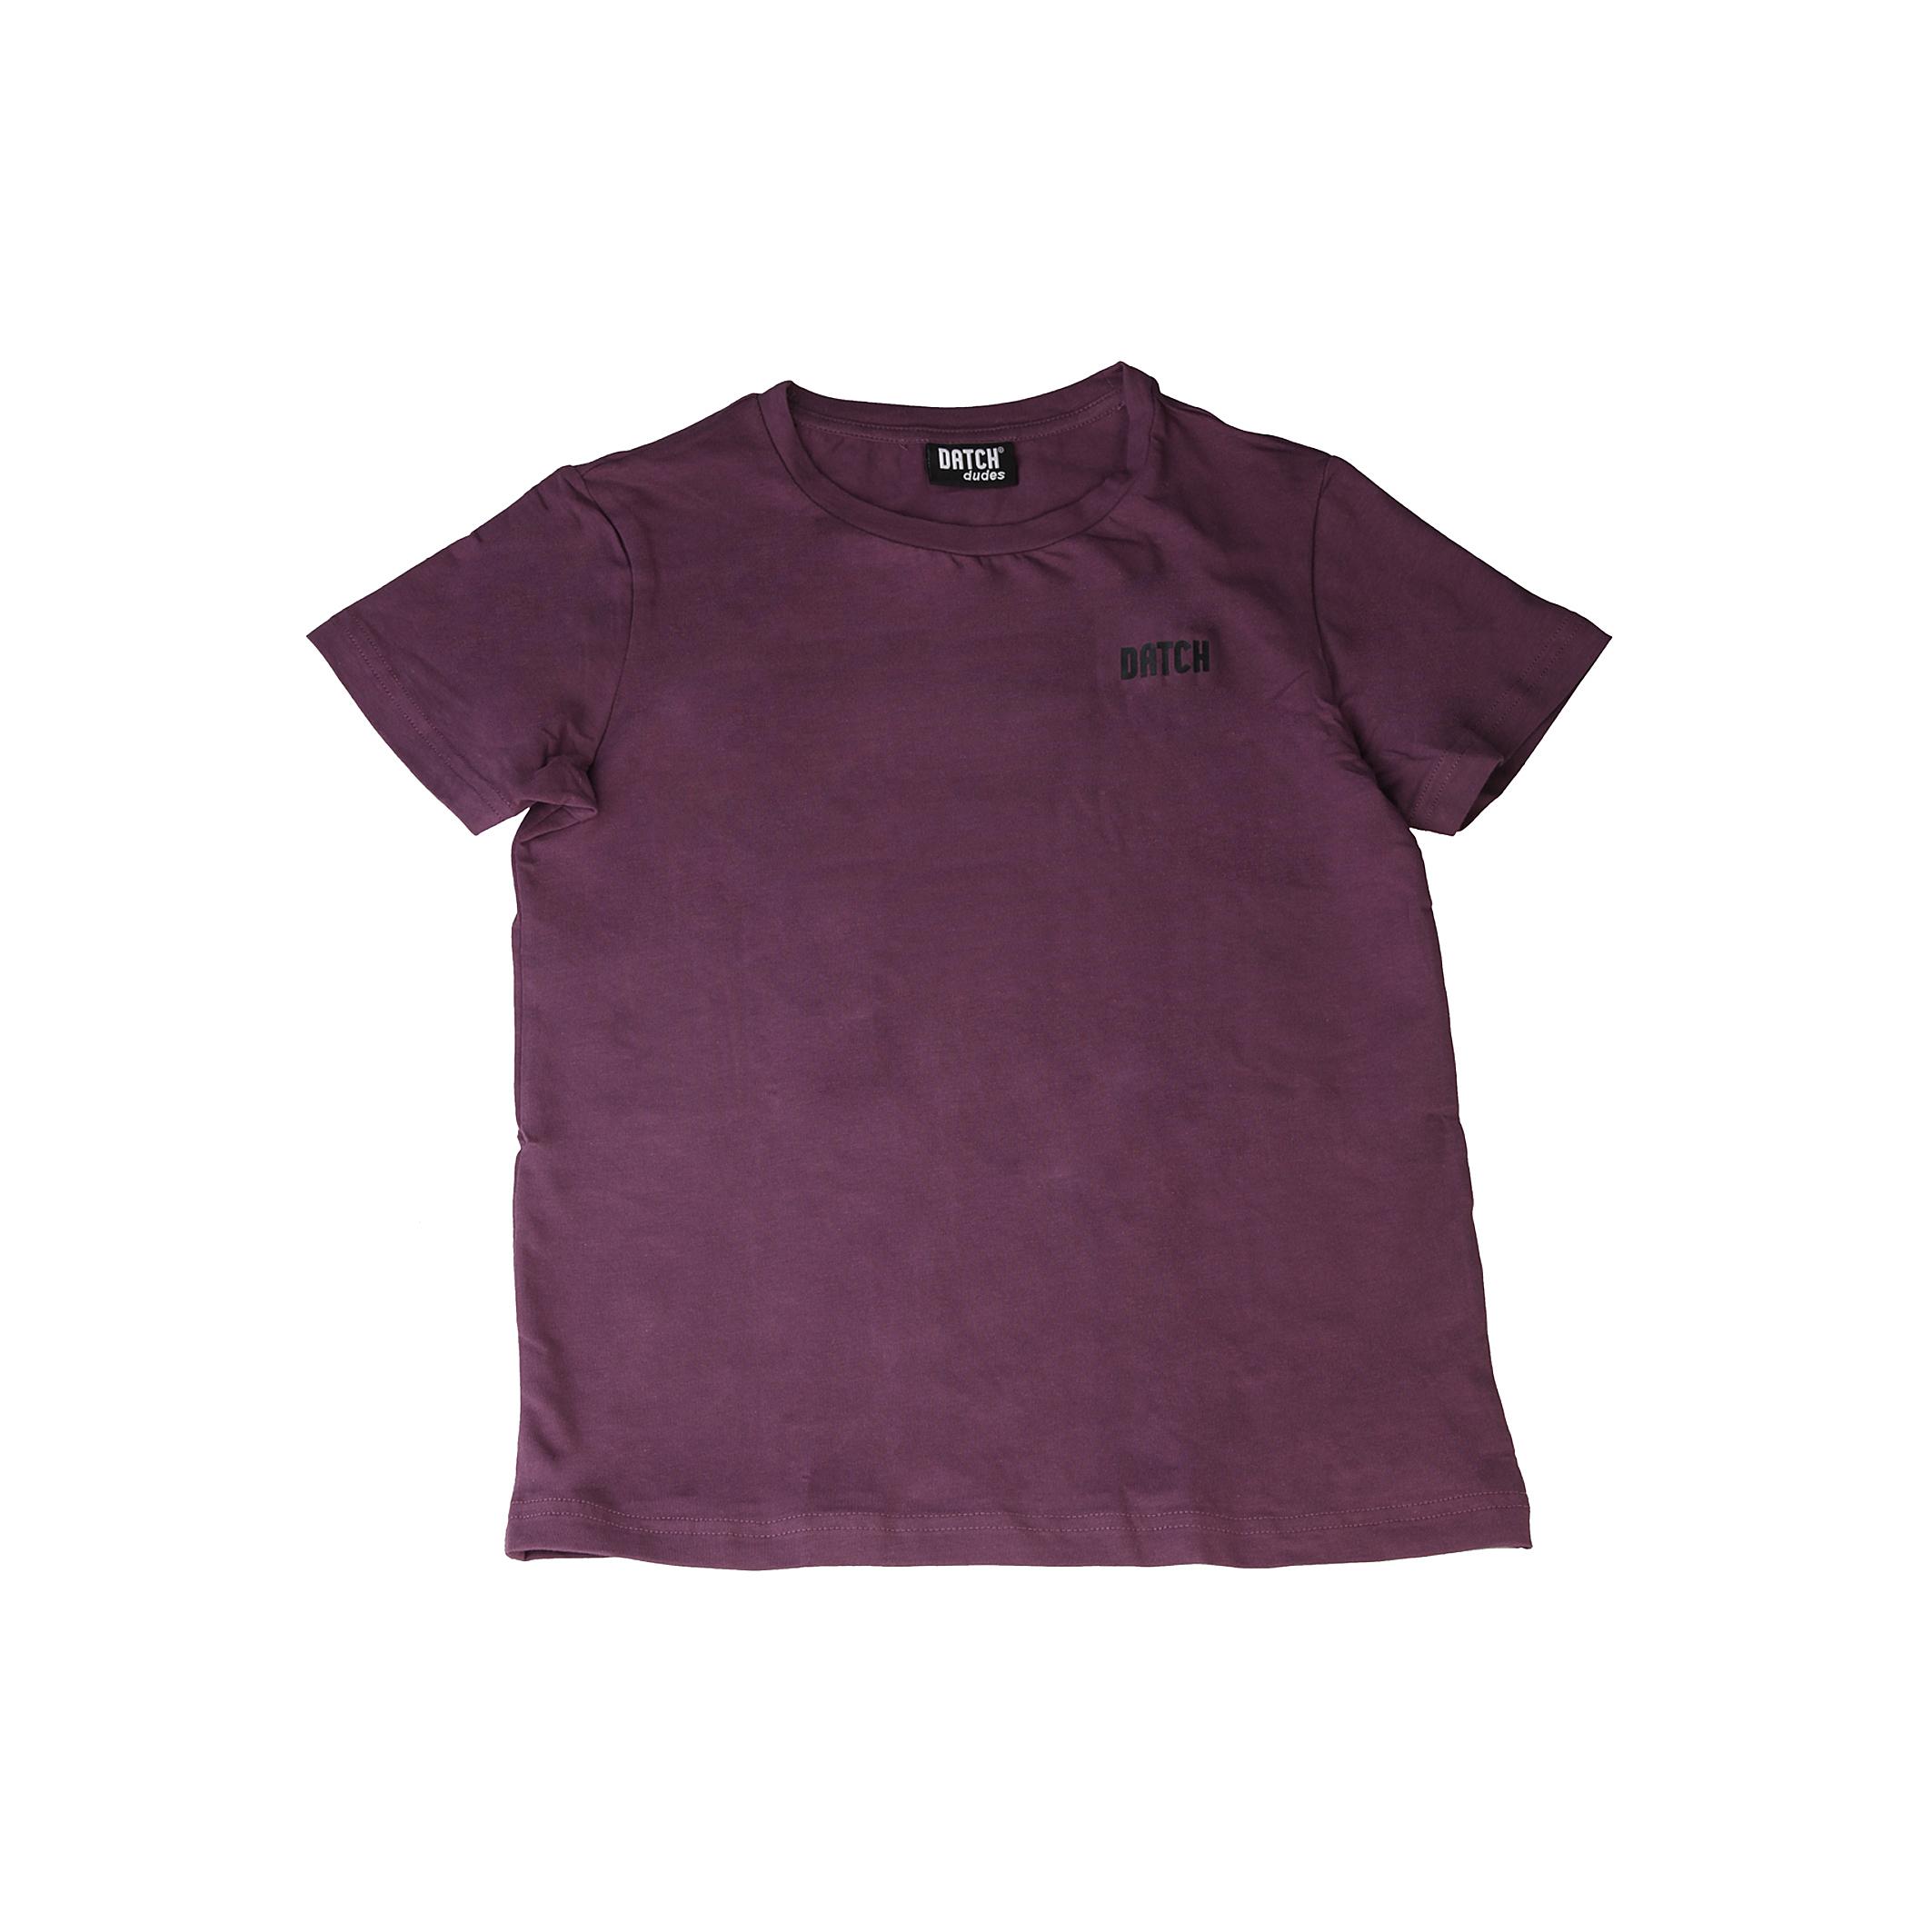 Tricou copii Datch Bordo